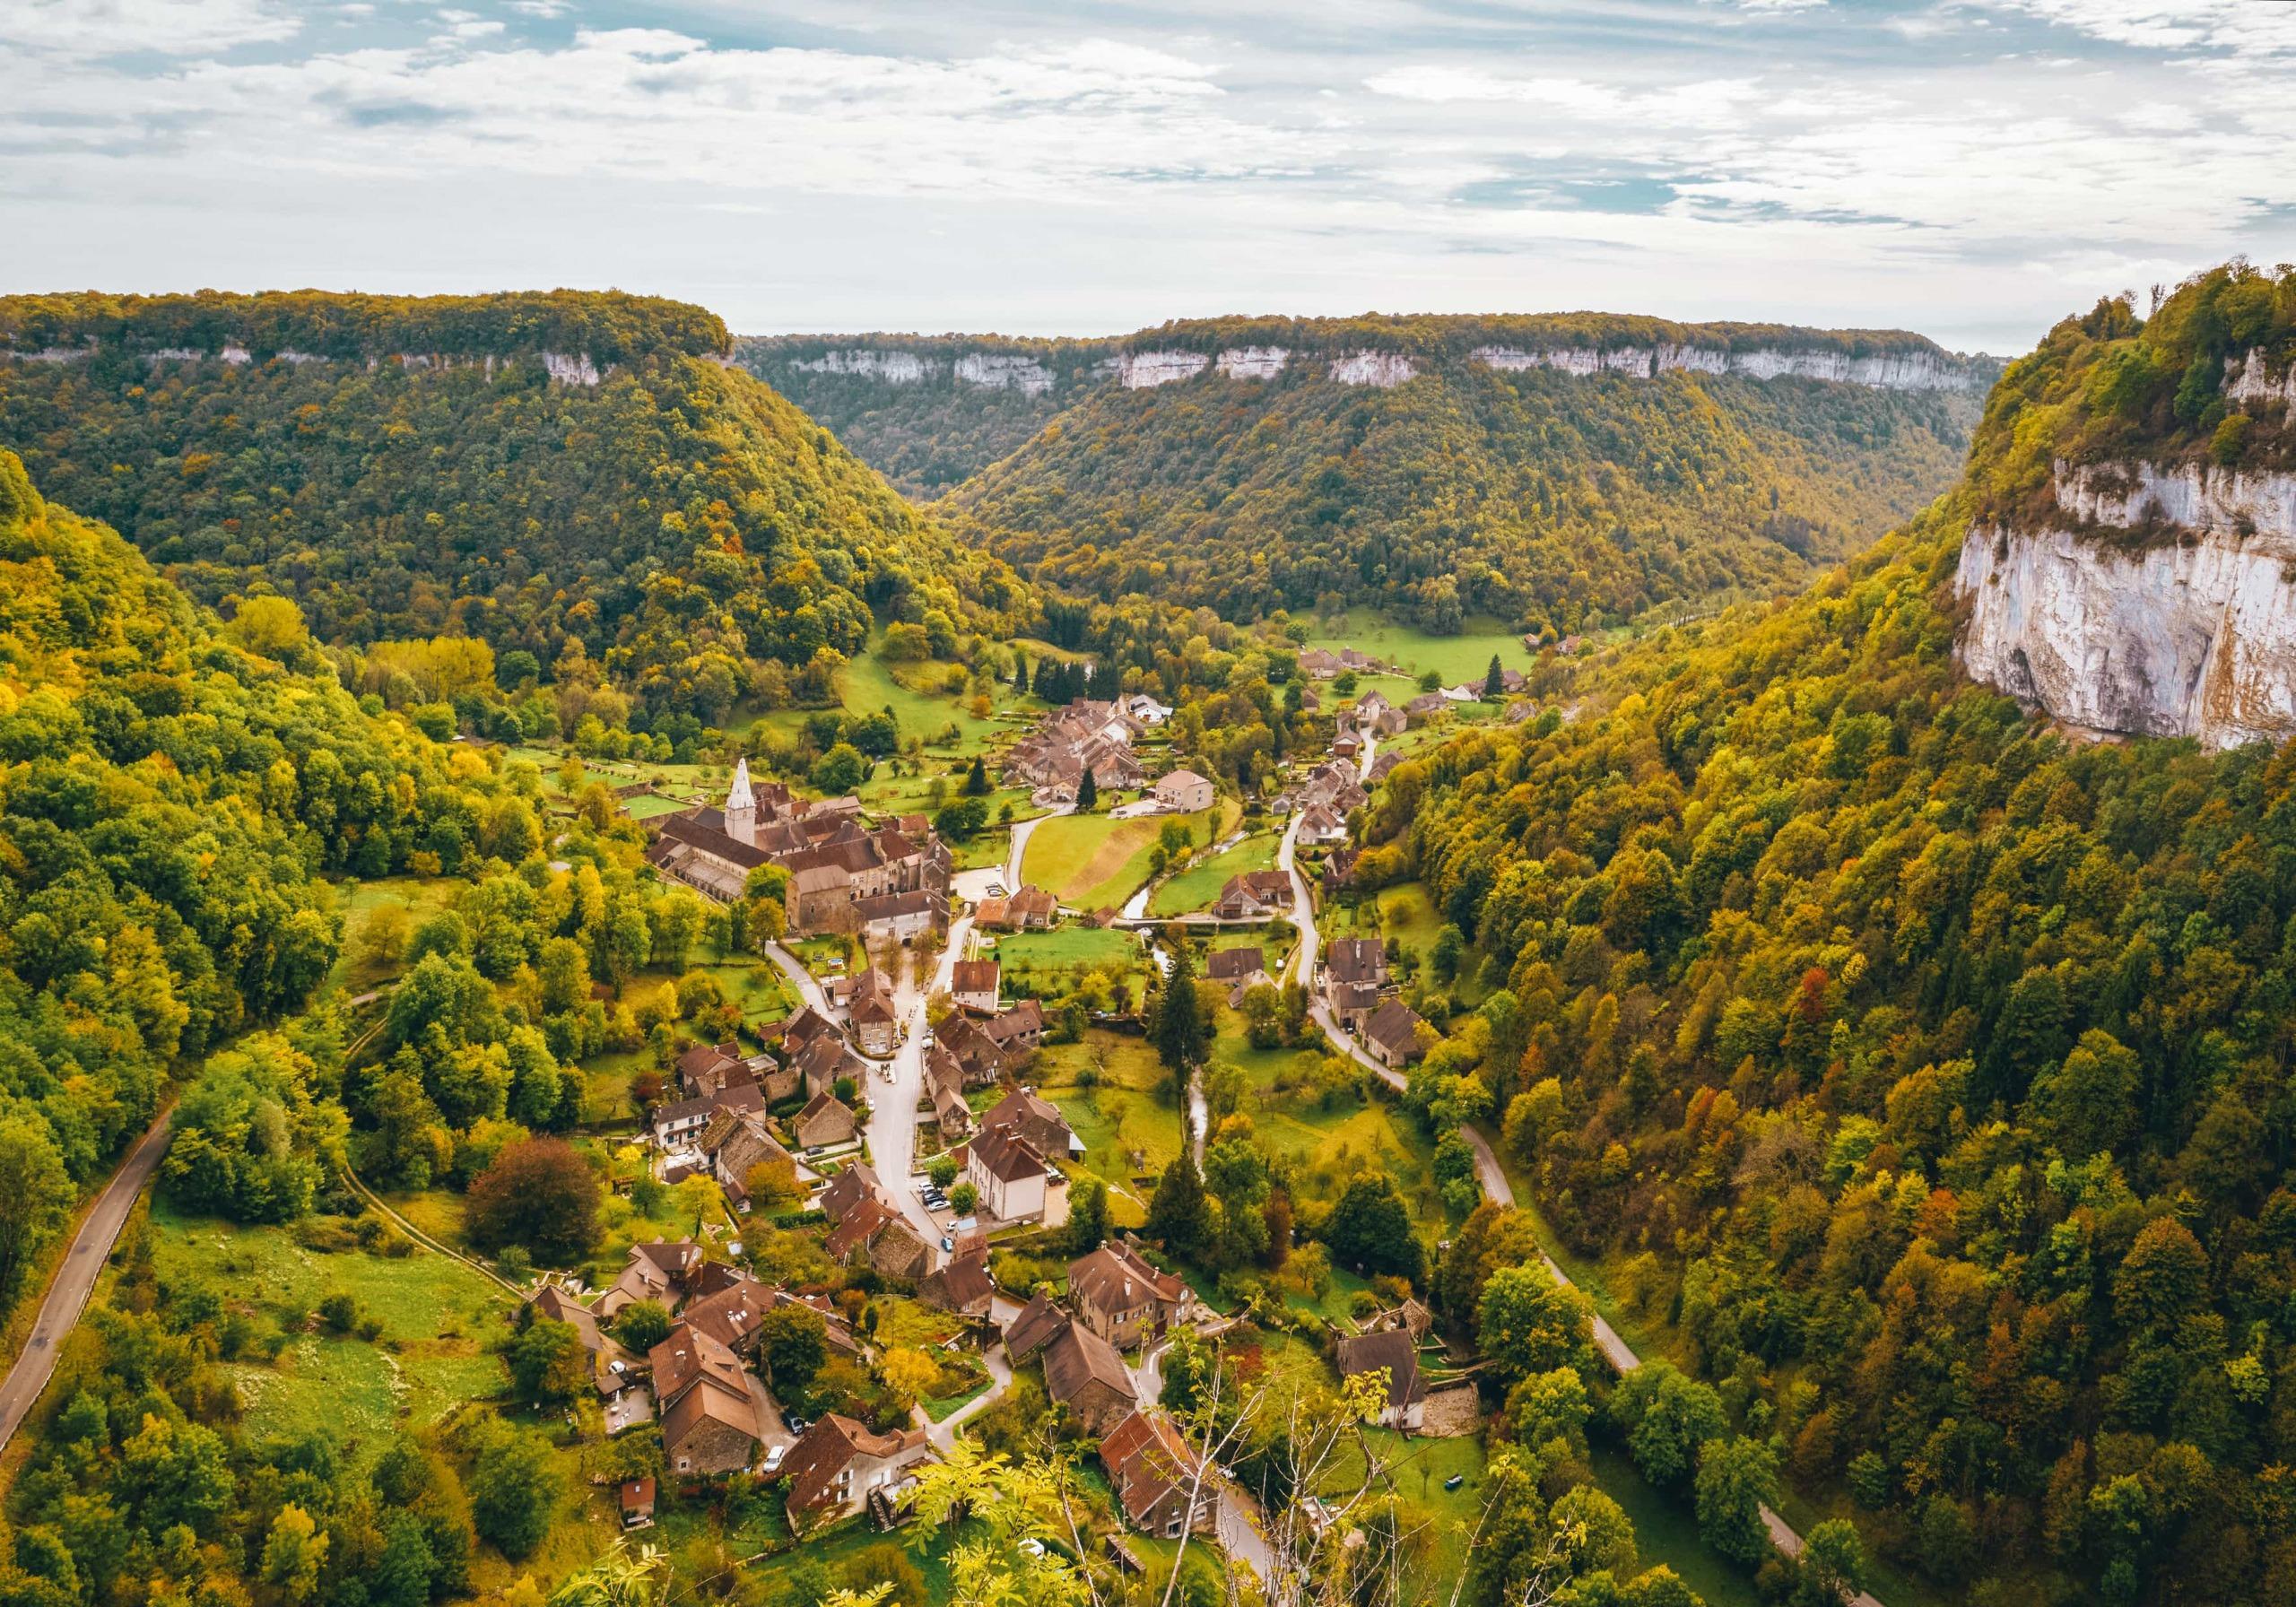 Baume-les-Messieurs (Bourgogne-Franche-Comté)